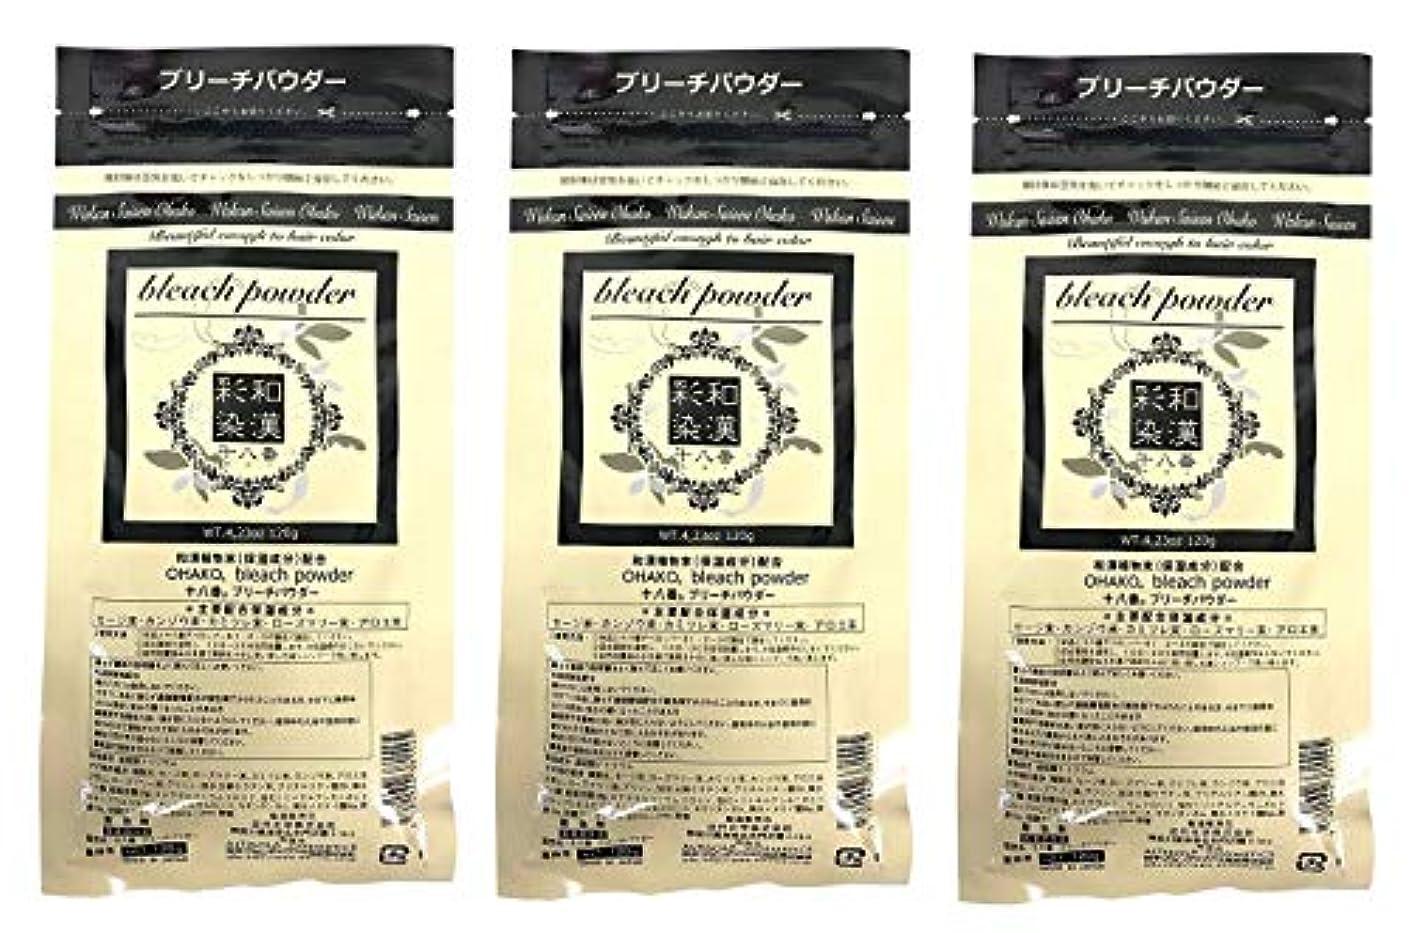 抜け目がないアラート繰り返す【3個セット】グランデックス 和漢彩染 十八番 120g ブリーチパウダー